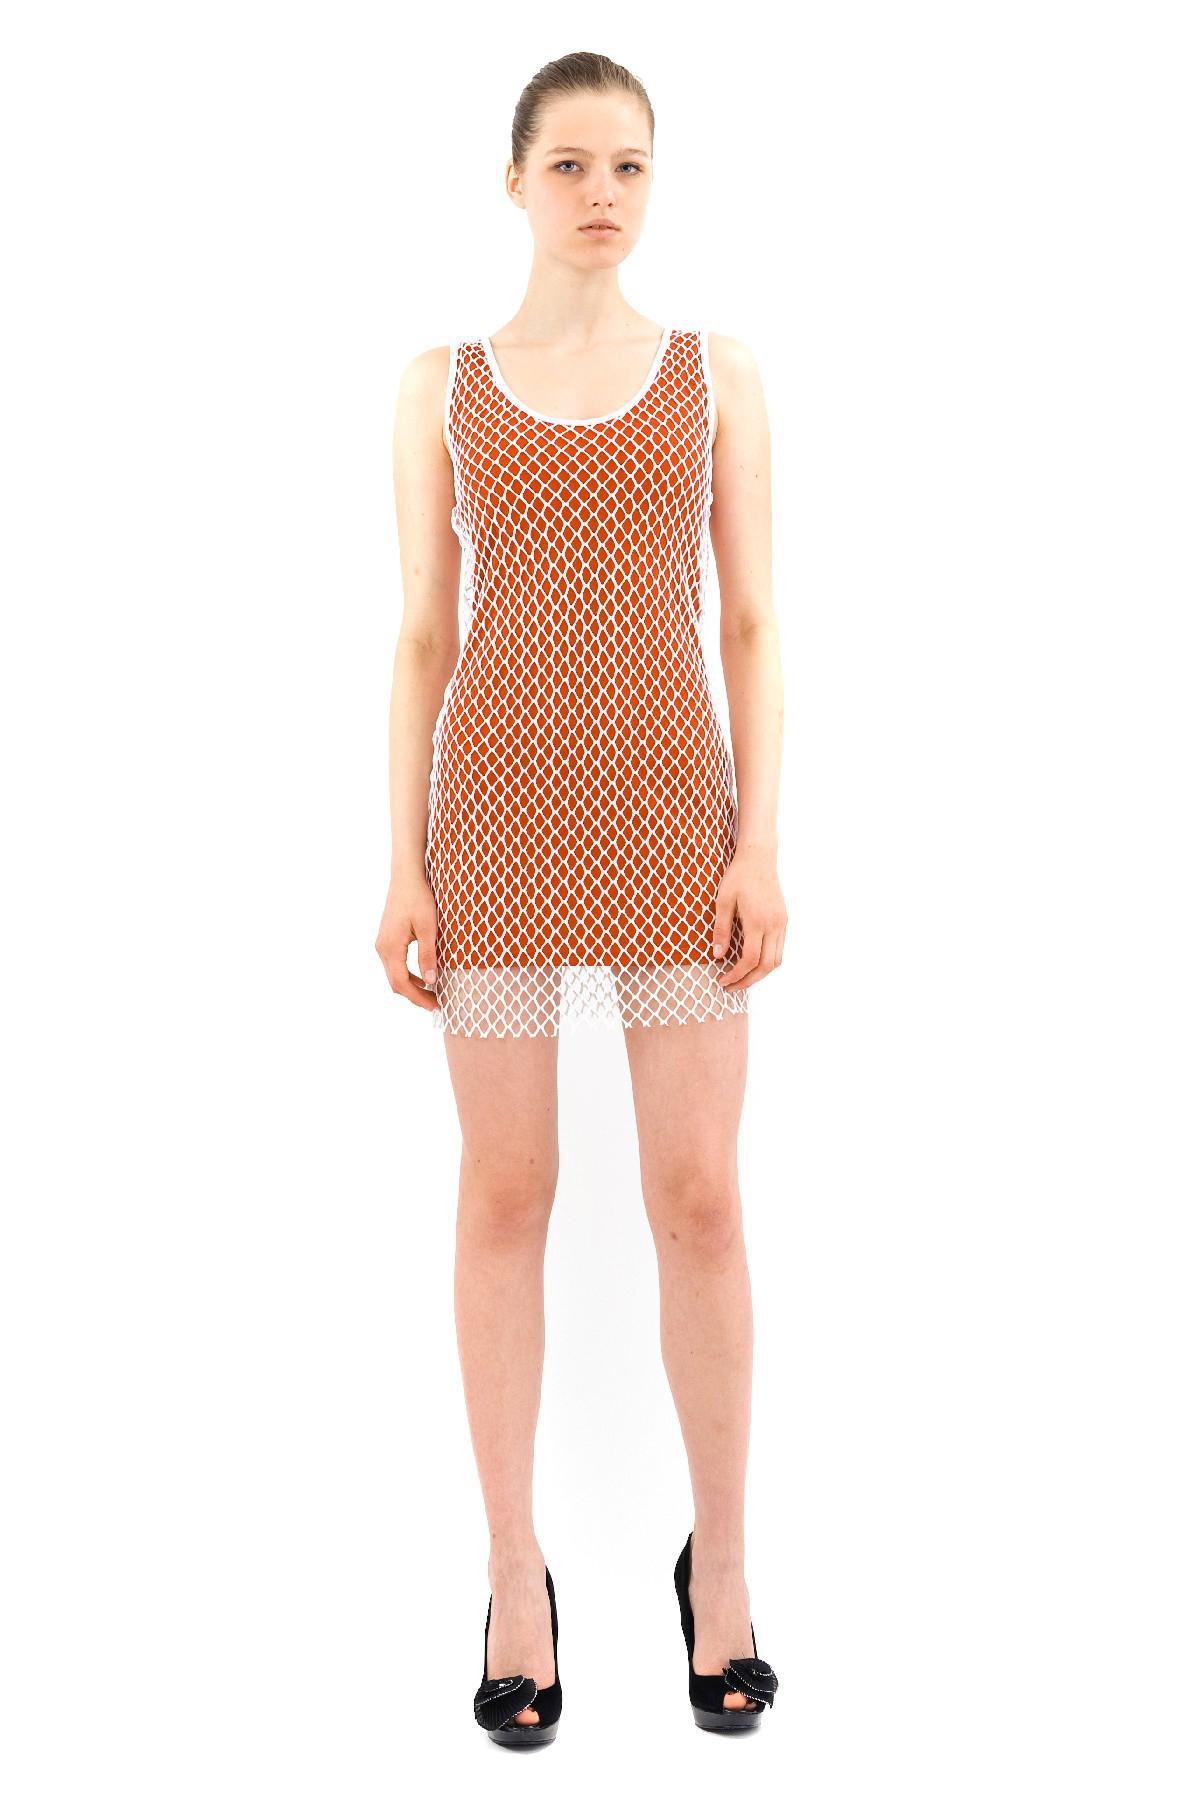 ПлатьеПлатья,  сарафаны<br>Прелестное двухслойное легкое платье мини приталенного силуэта Doctor E. Верх изделия выполнен из нежно-белой сетки, под ним — приятная и комфортная трикотажная ткань. Удачный выбор для создания привлекательного, женственного образа.<br><br>Цвет: красный,белый<br>Состав: ткань 1 - 92% вискоза, 8% лайкра, ткань 2 - 100% полиэстер<br>Размер: 48,50,52,54<br>Страна дизайна: Россия<br>Страна производства: Россия